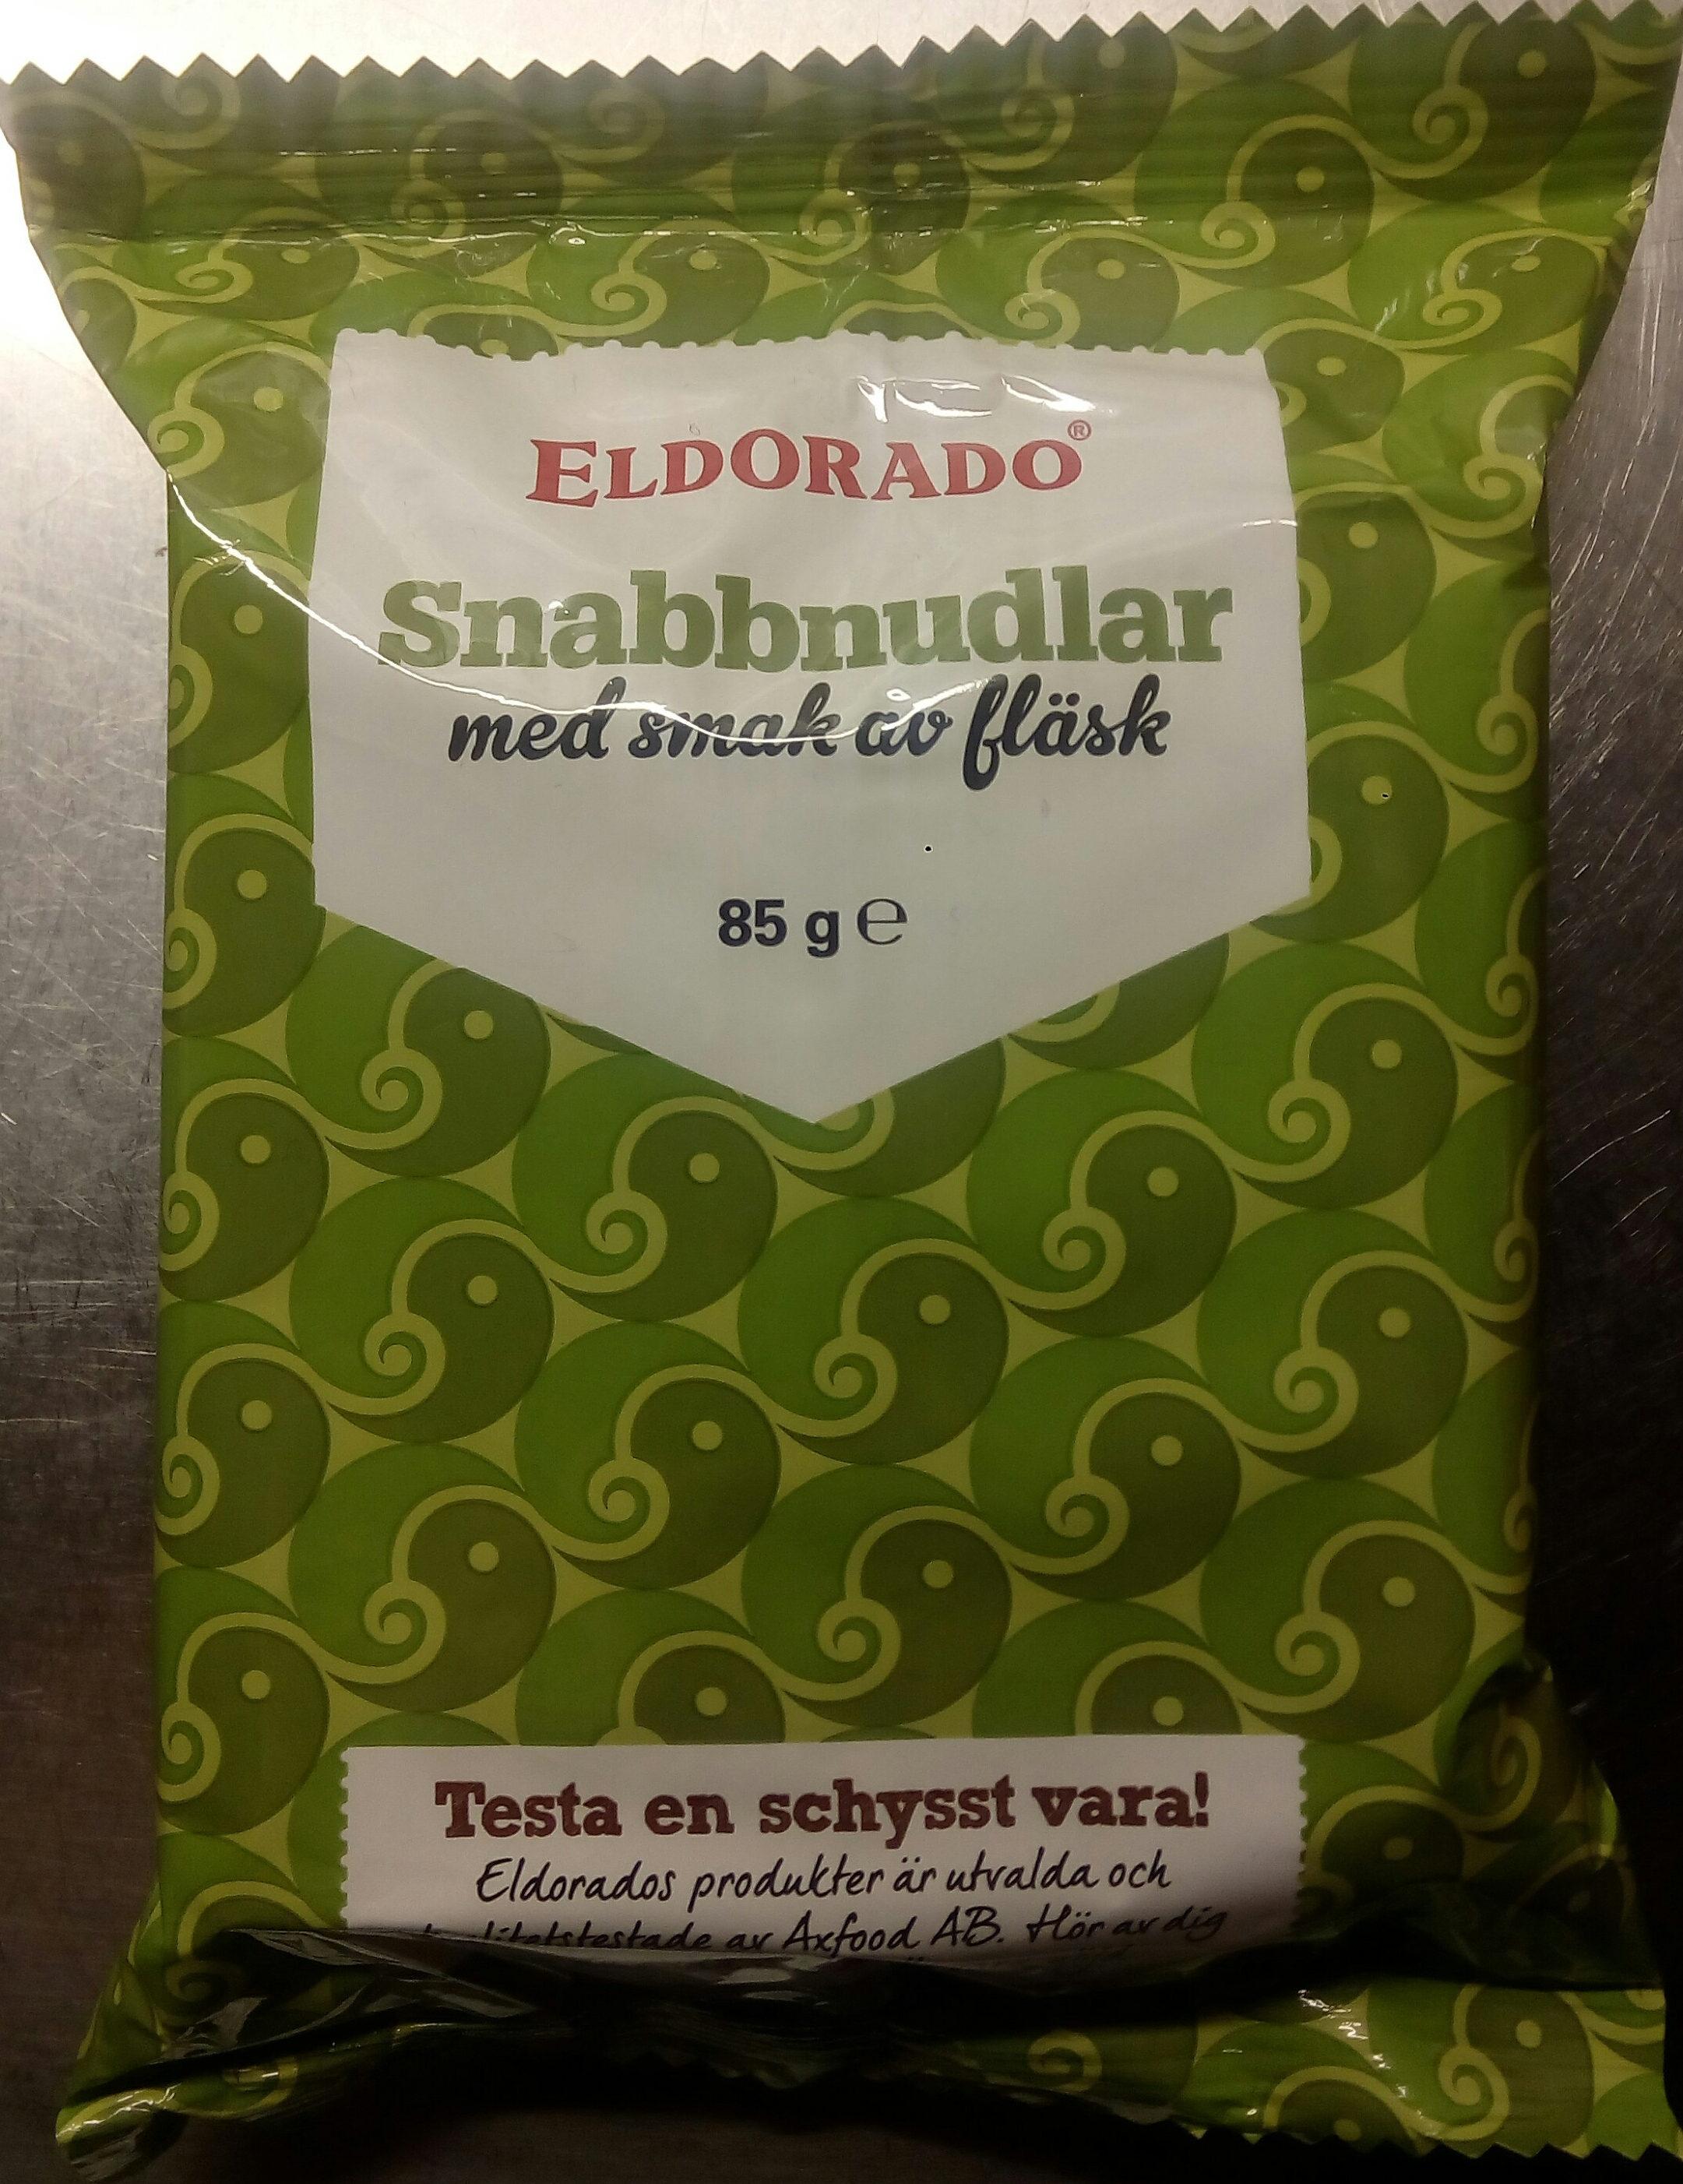 Eldorado Snabbnudlar med smak av fläsk - Product - sv